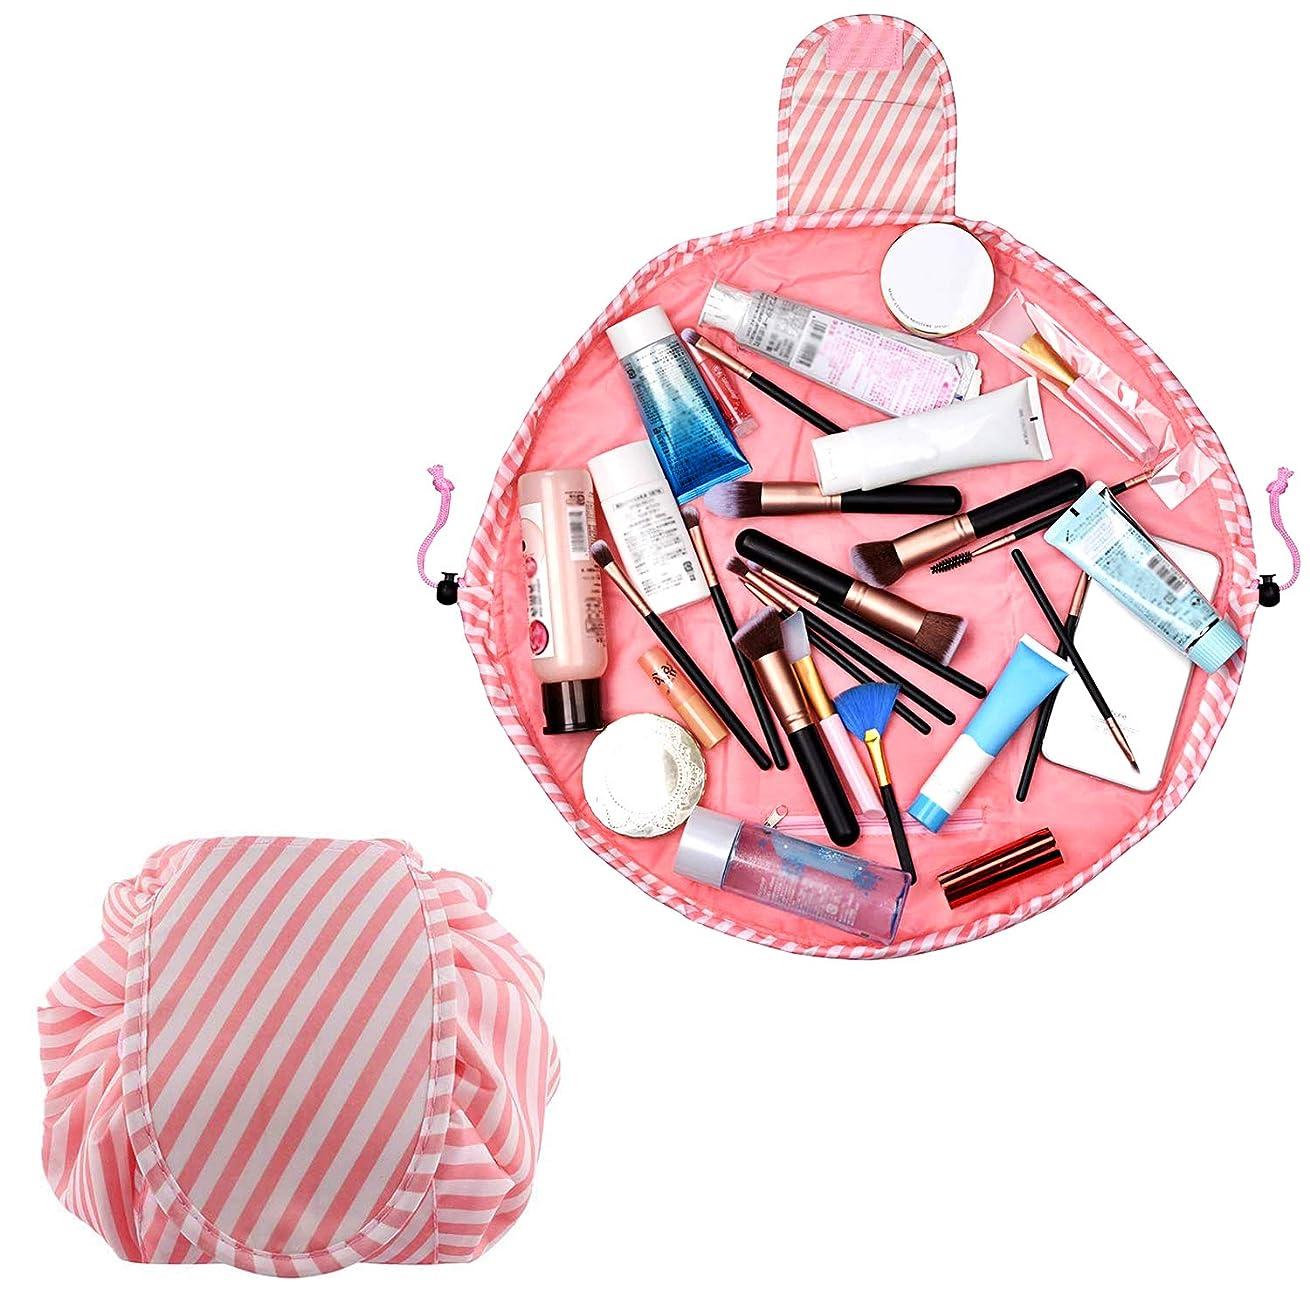 五月倒産カビHEARTEST 巾着 化粧 ポーチ マジックポーチ ポータブル旅行メイクバッグ 防水大容量の旅行化粧バッグ 超軽量 便利 旅行 (ピンクストライプ)